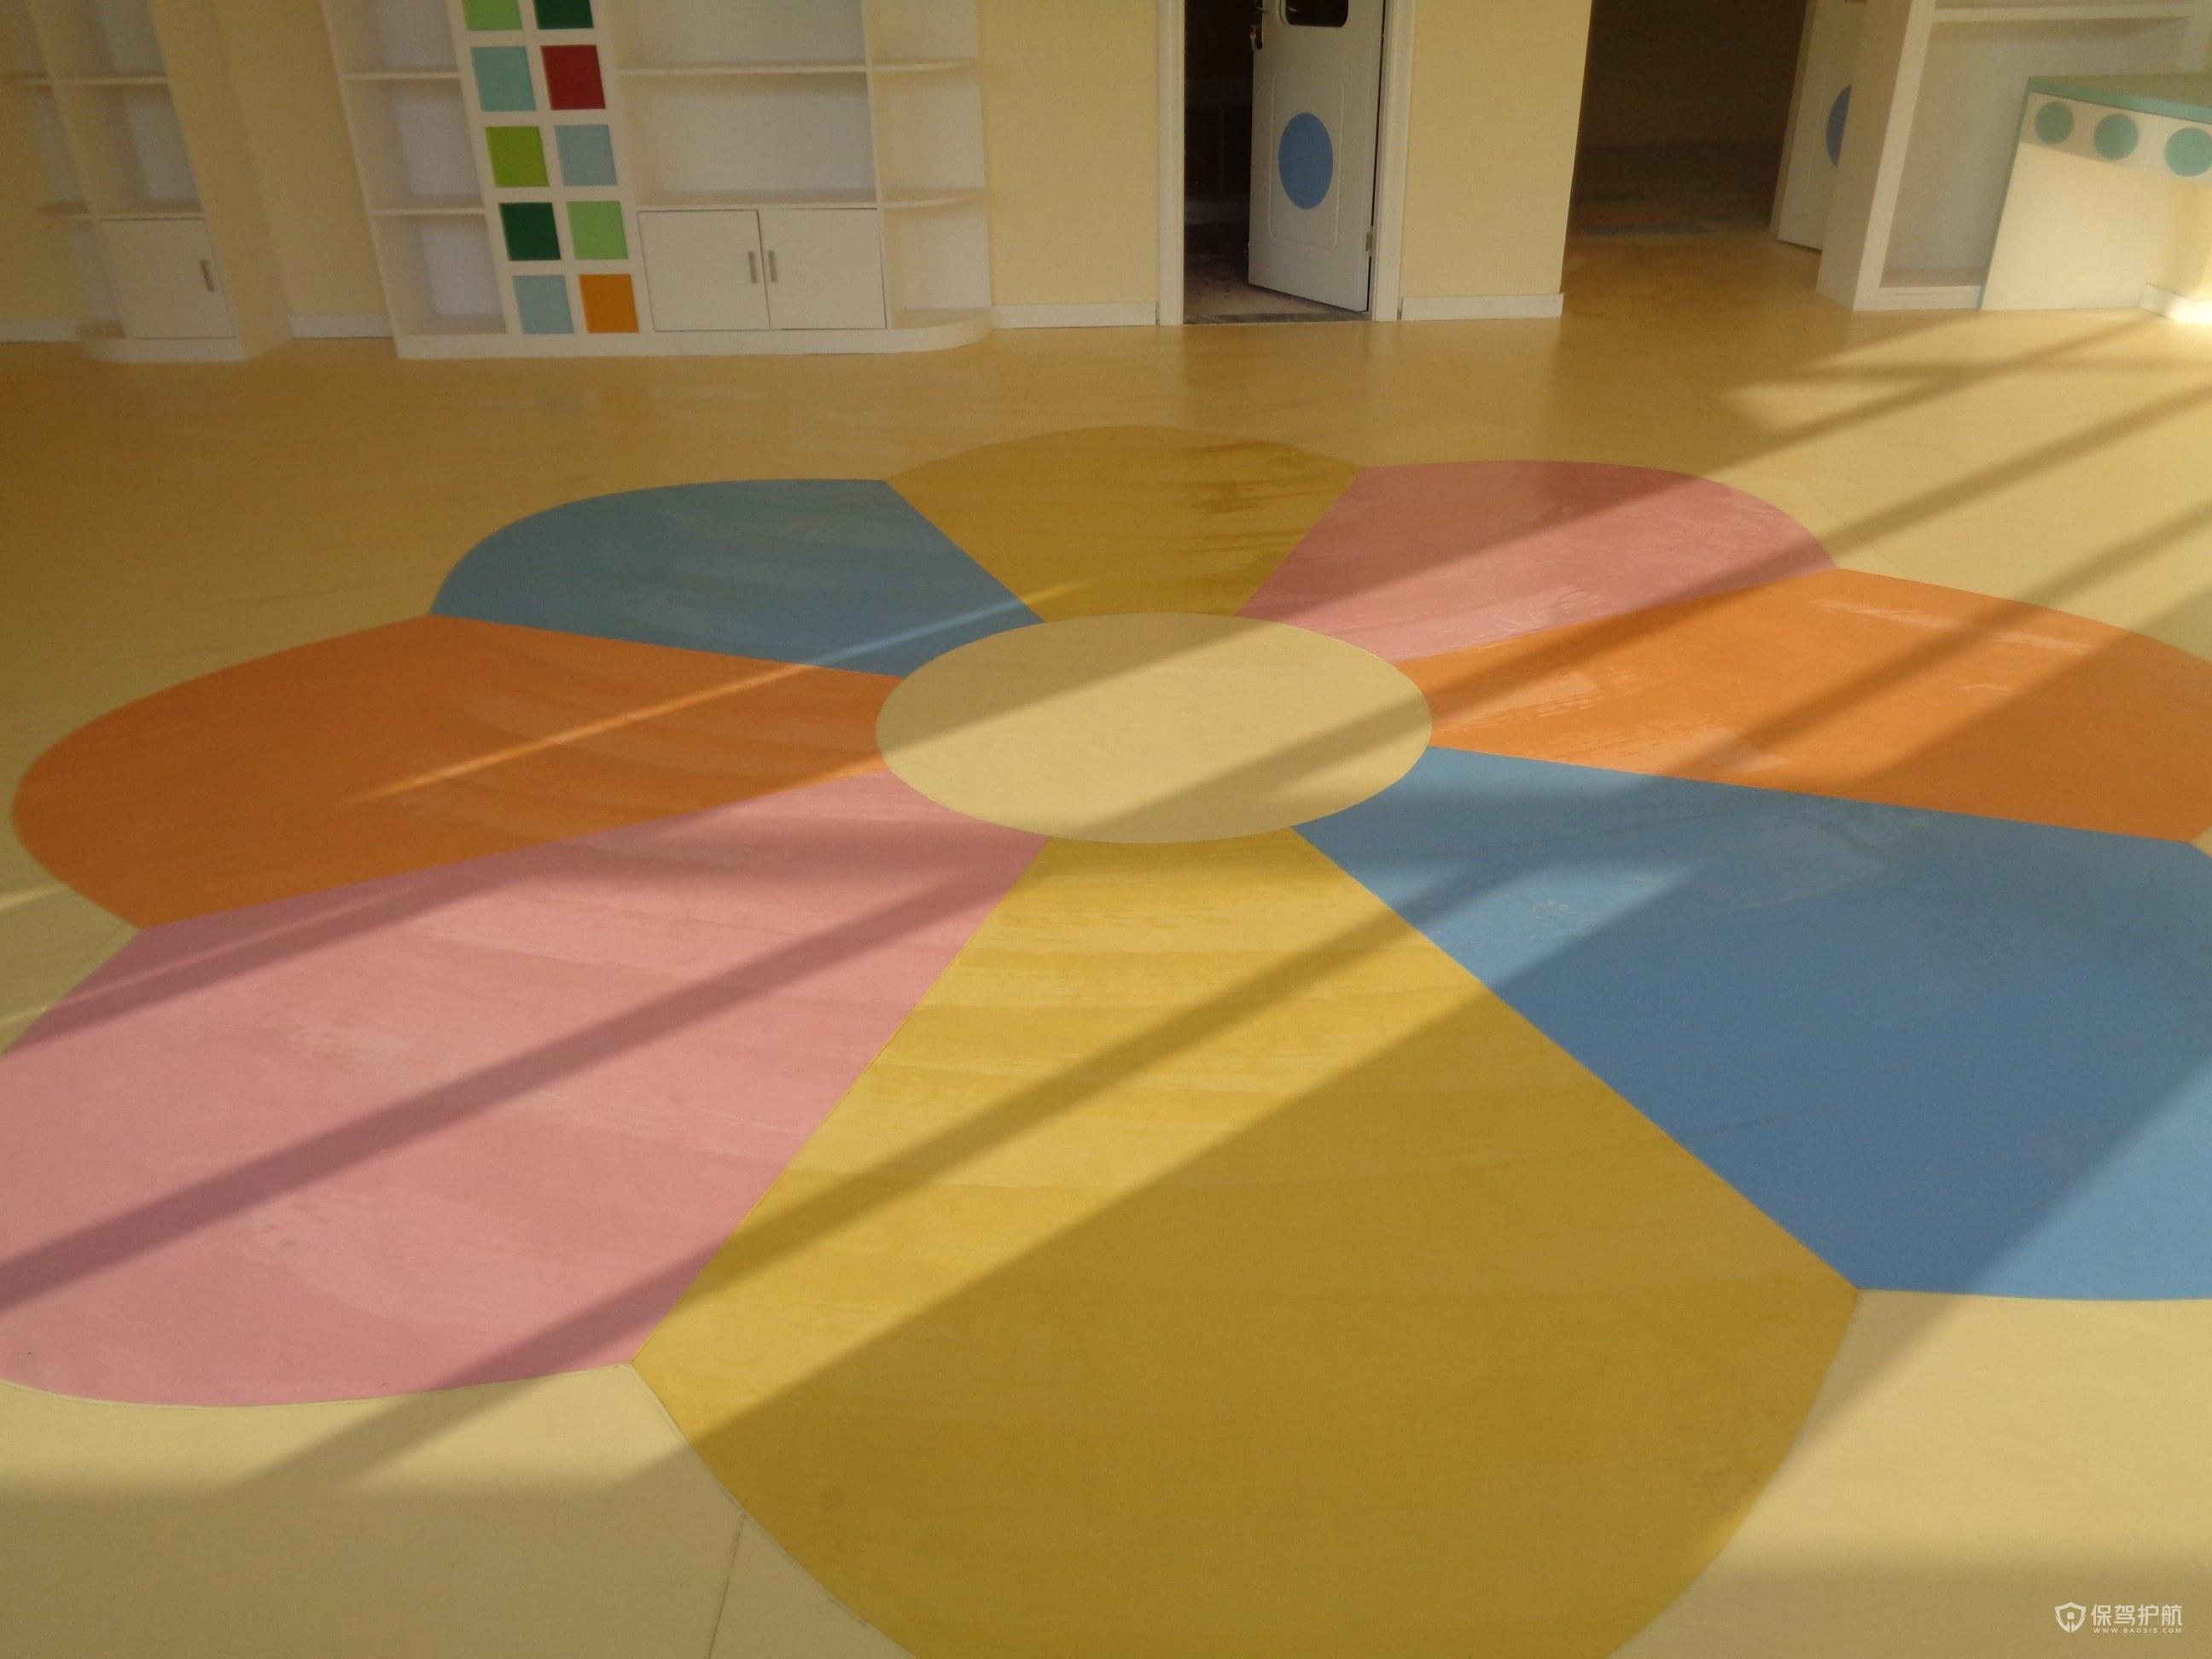 塑胶地板有什么特点?塑胶地板适合家用吗?